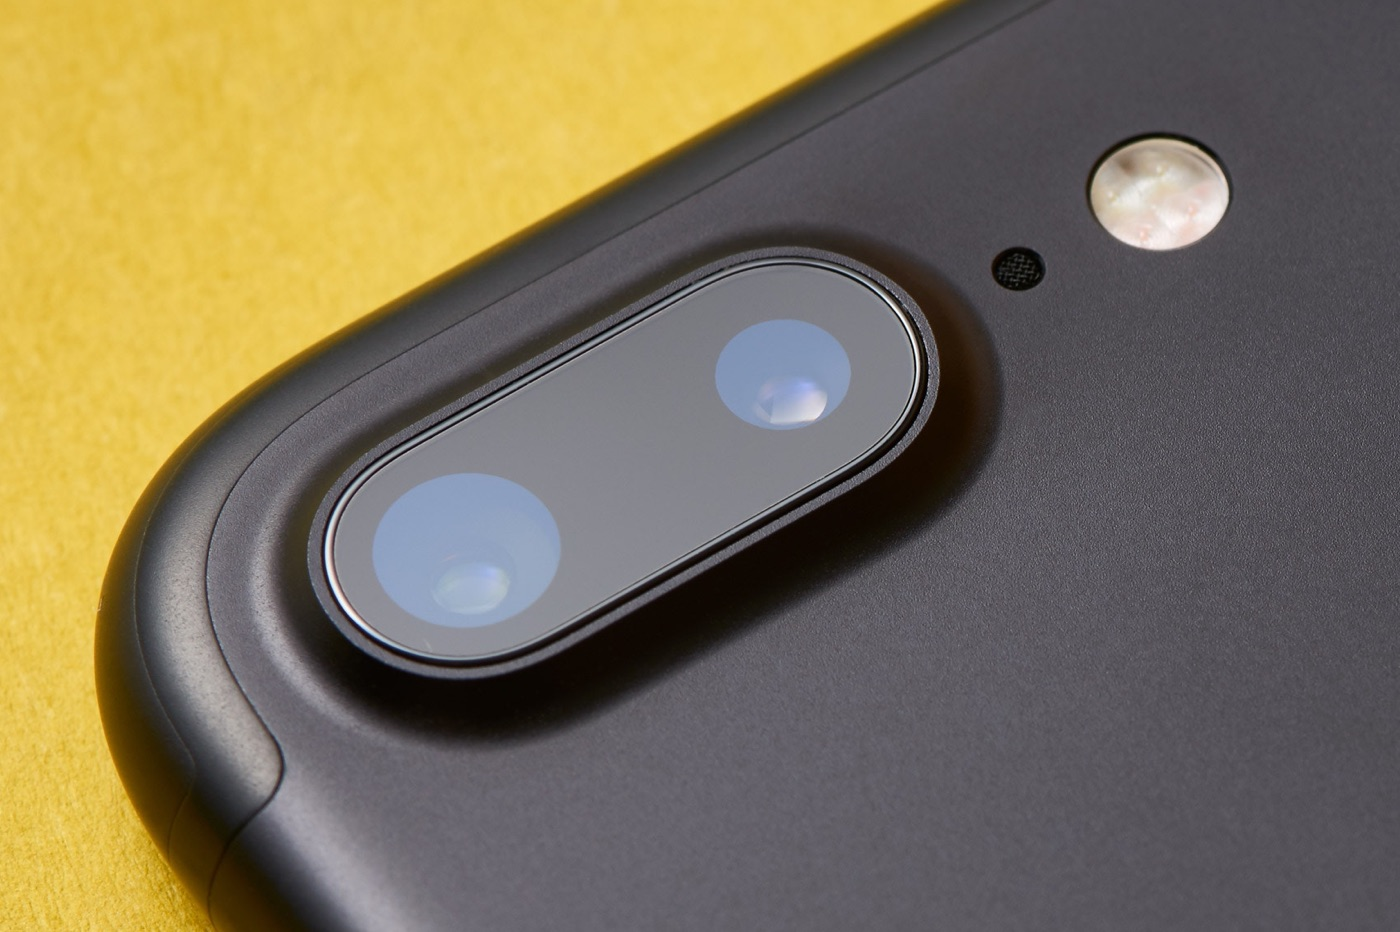 iPhone 2020 : une meilleure réalité augmentée grâce à un capteur 3D 1